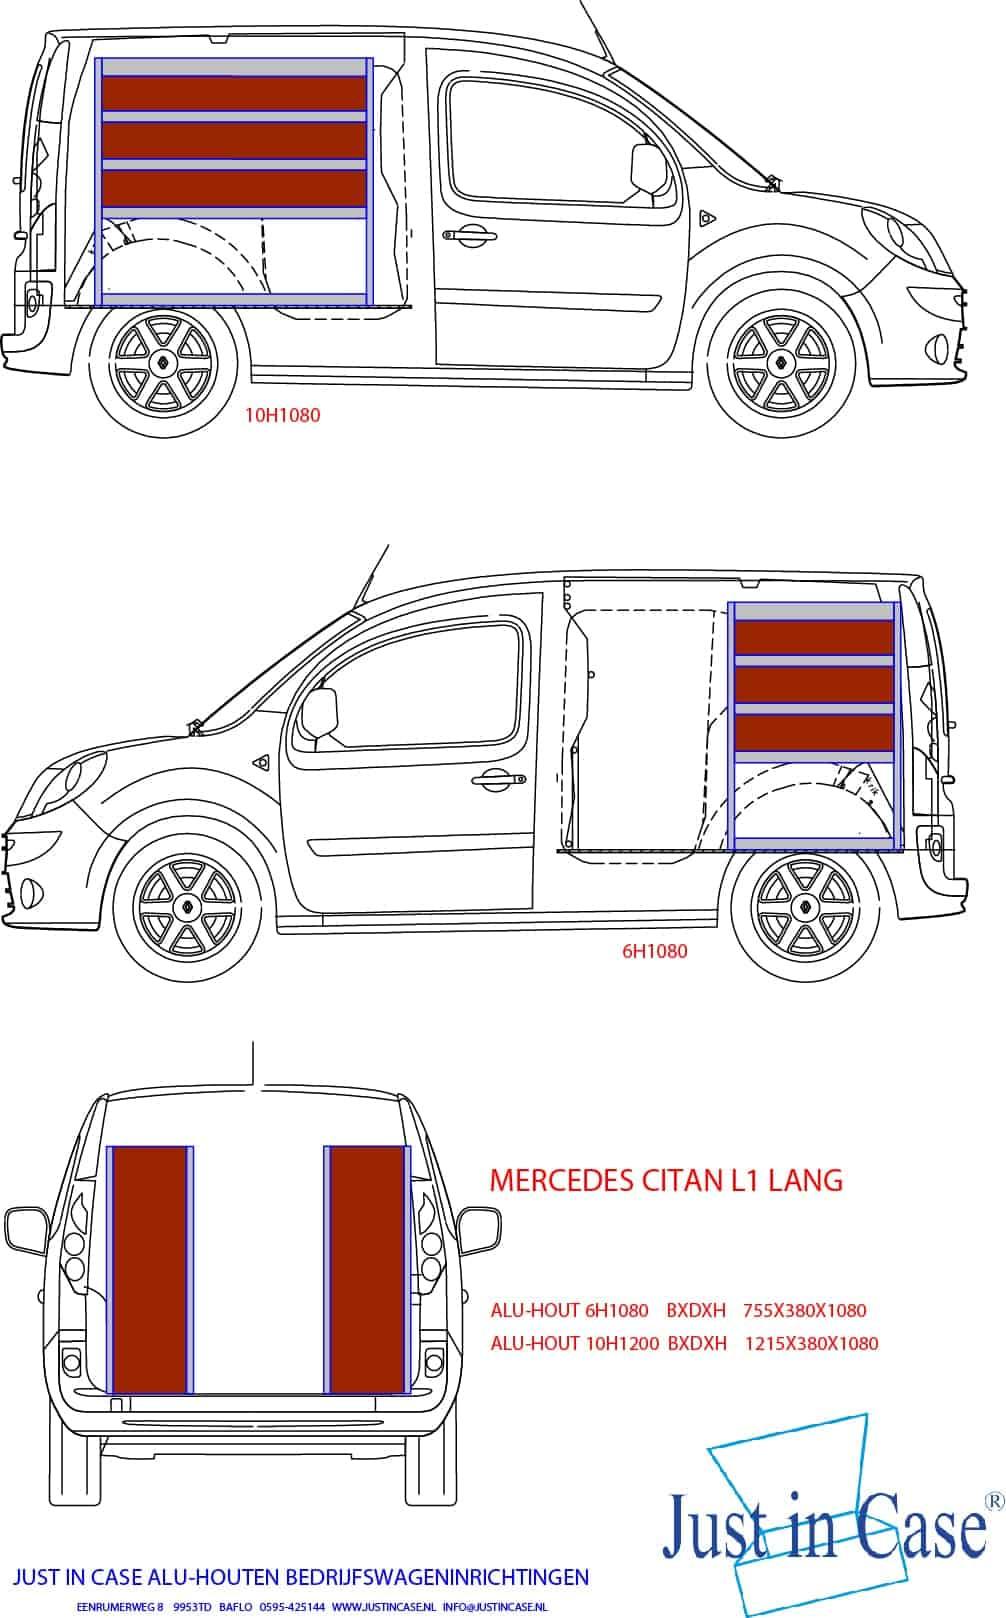 Mercedes Citan (L1) tekening bedrijfswageninrichten